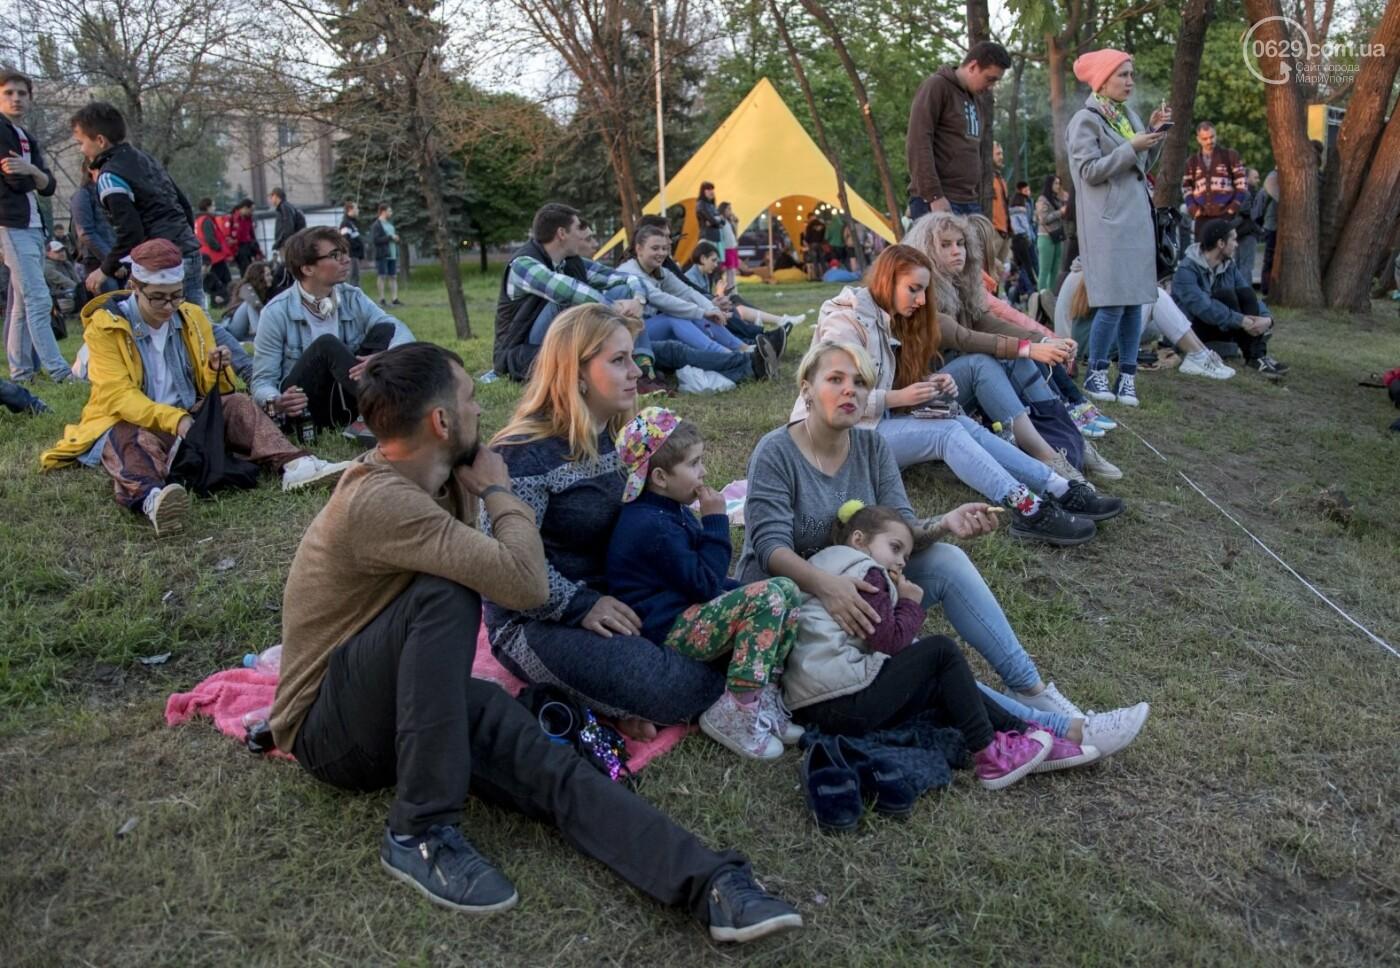 Что творилось на StartUp ГогольFest-2019 в Мариуполе. 30 говорящих фотографий, фото-24